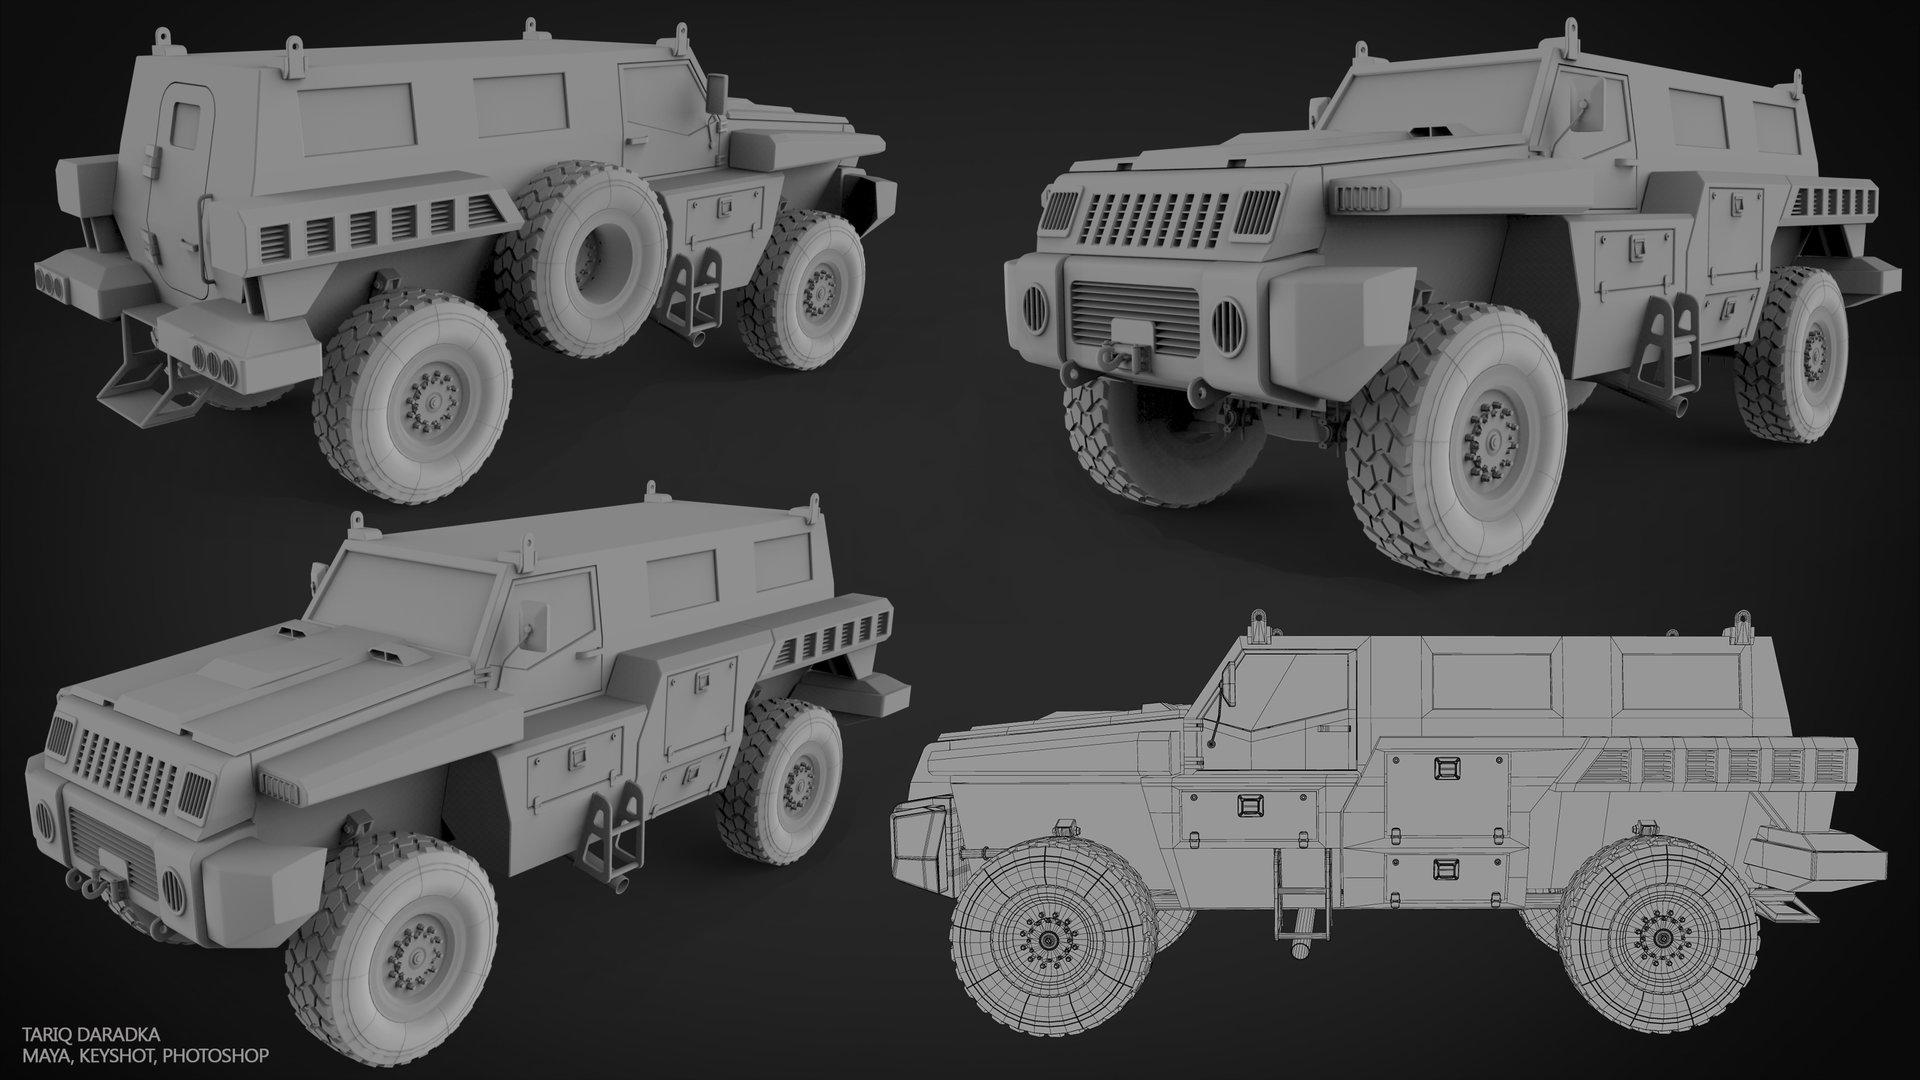 tariq daradka marauder military vehicle